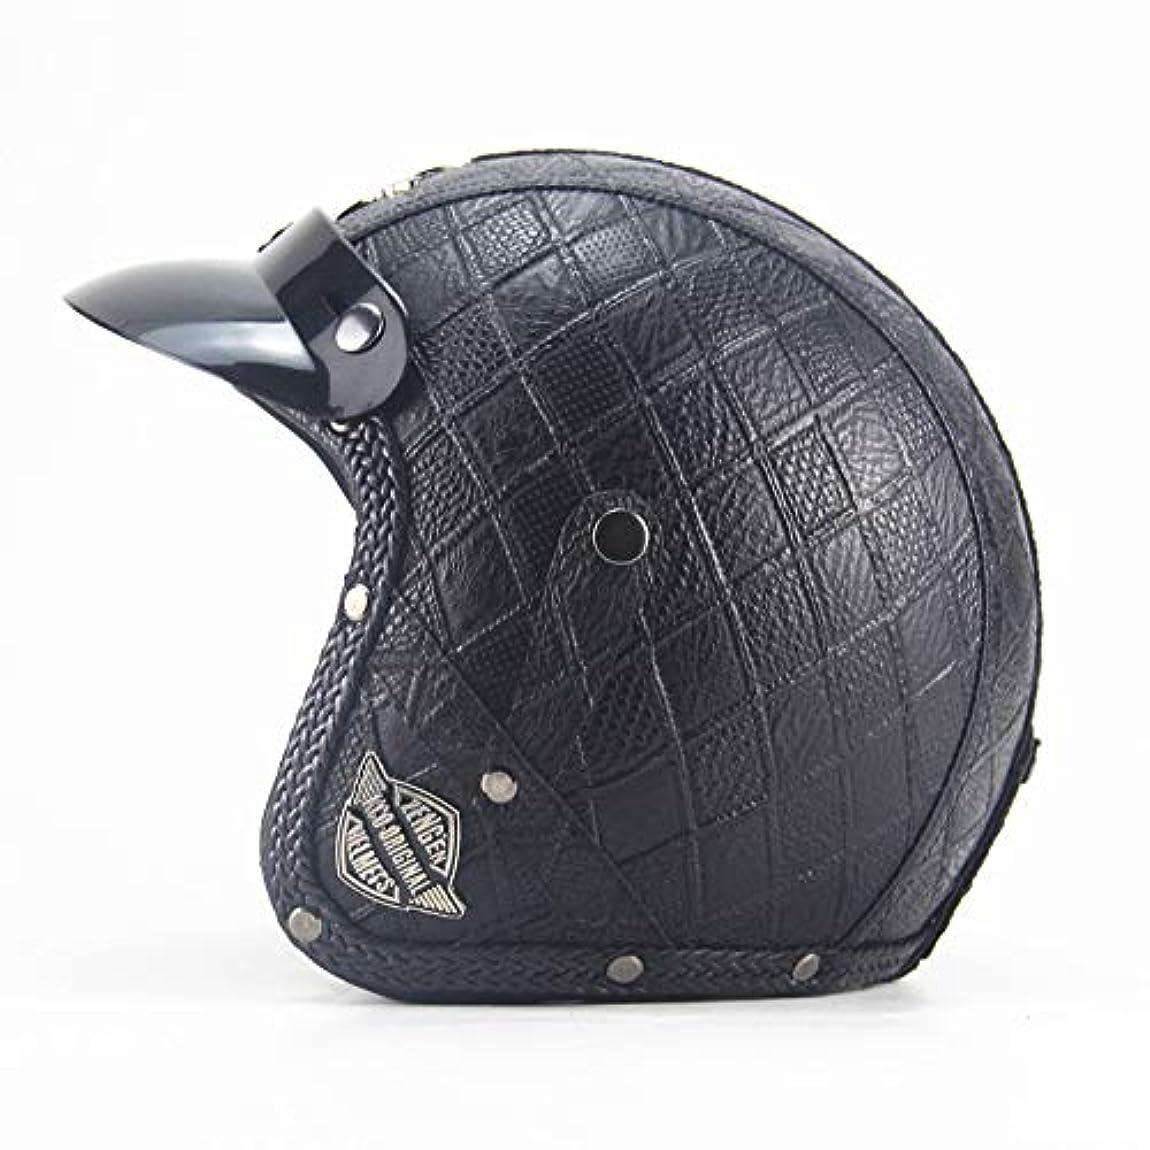 ギャラリースローガン自分の力ですべてをするTOMSSL高品質 手作りのレトロなオートバイの半分のヘルメット男性と女性の人格ハーレー機関車3/4ヘルメットペダルクルーザーレザーヘルメット黒菱形 TOMSSL高品質 (Size : XXL)